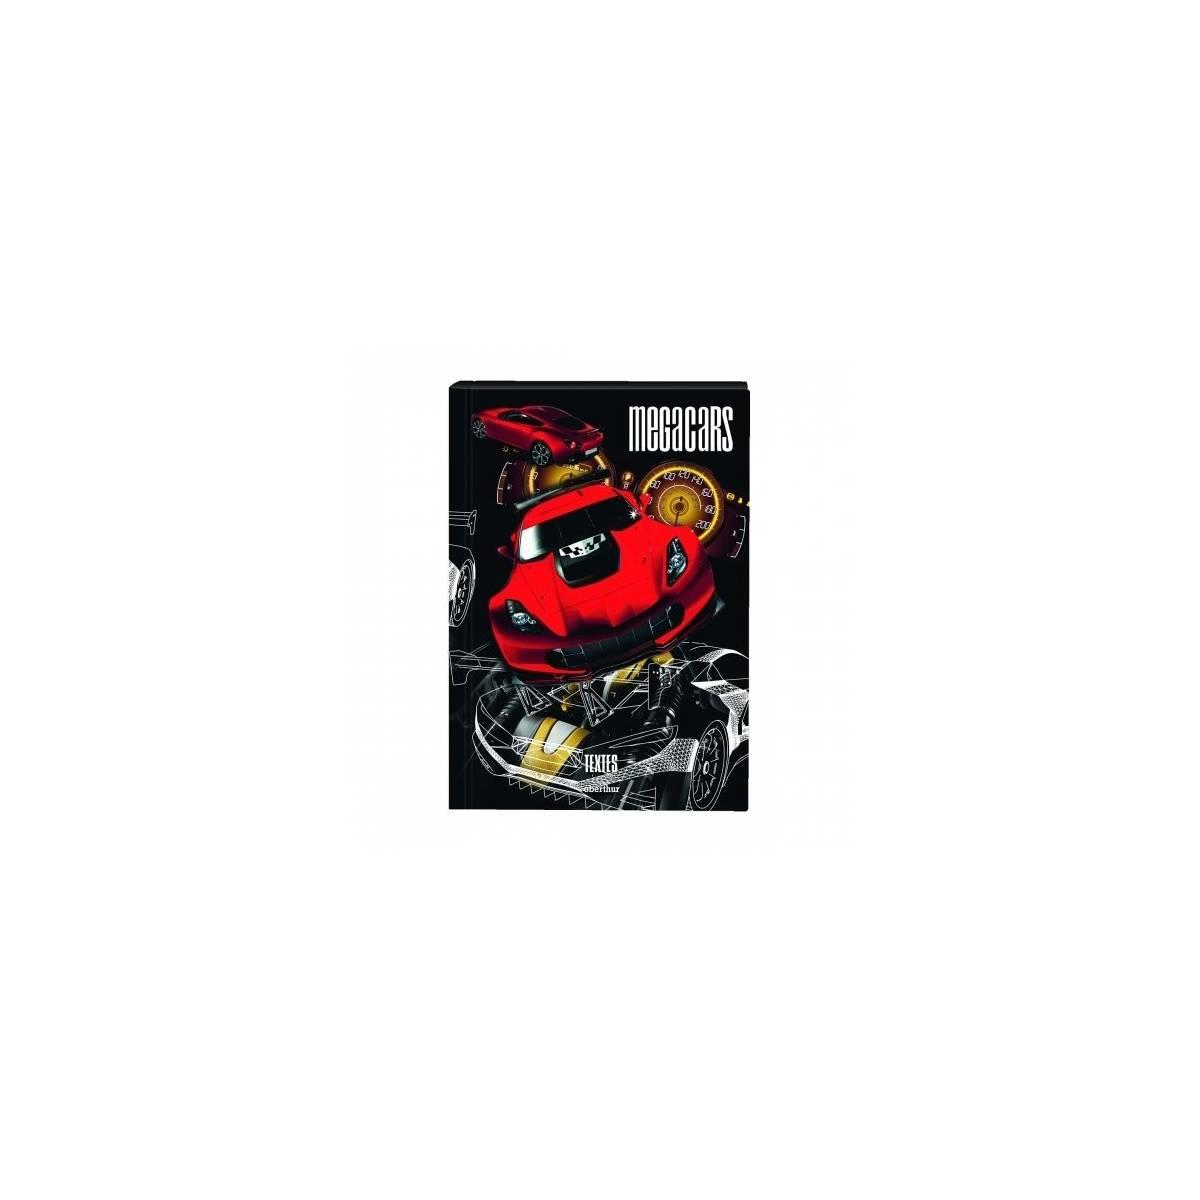 Cahier de textes MegaCars rouge - Oberthur